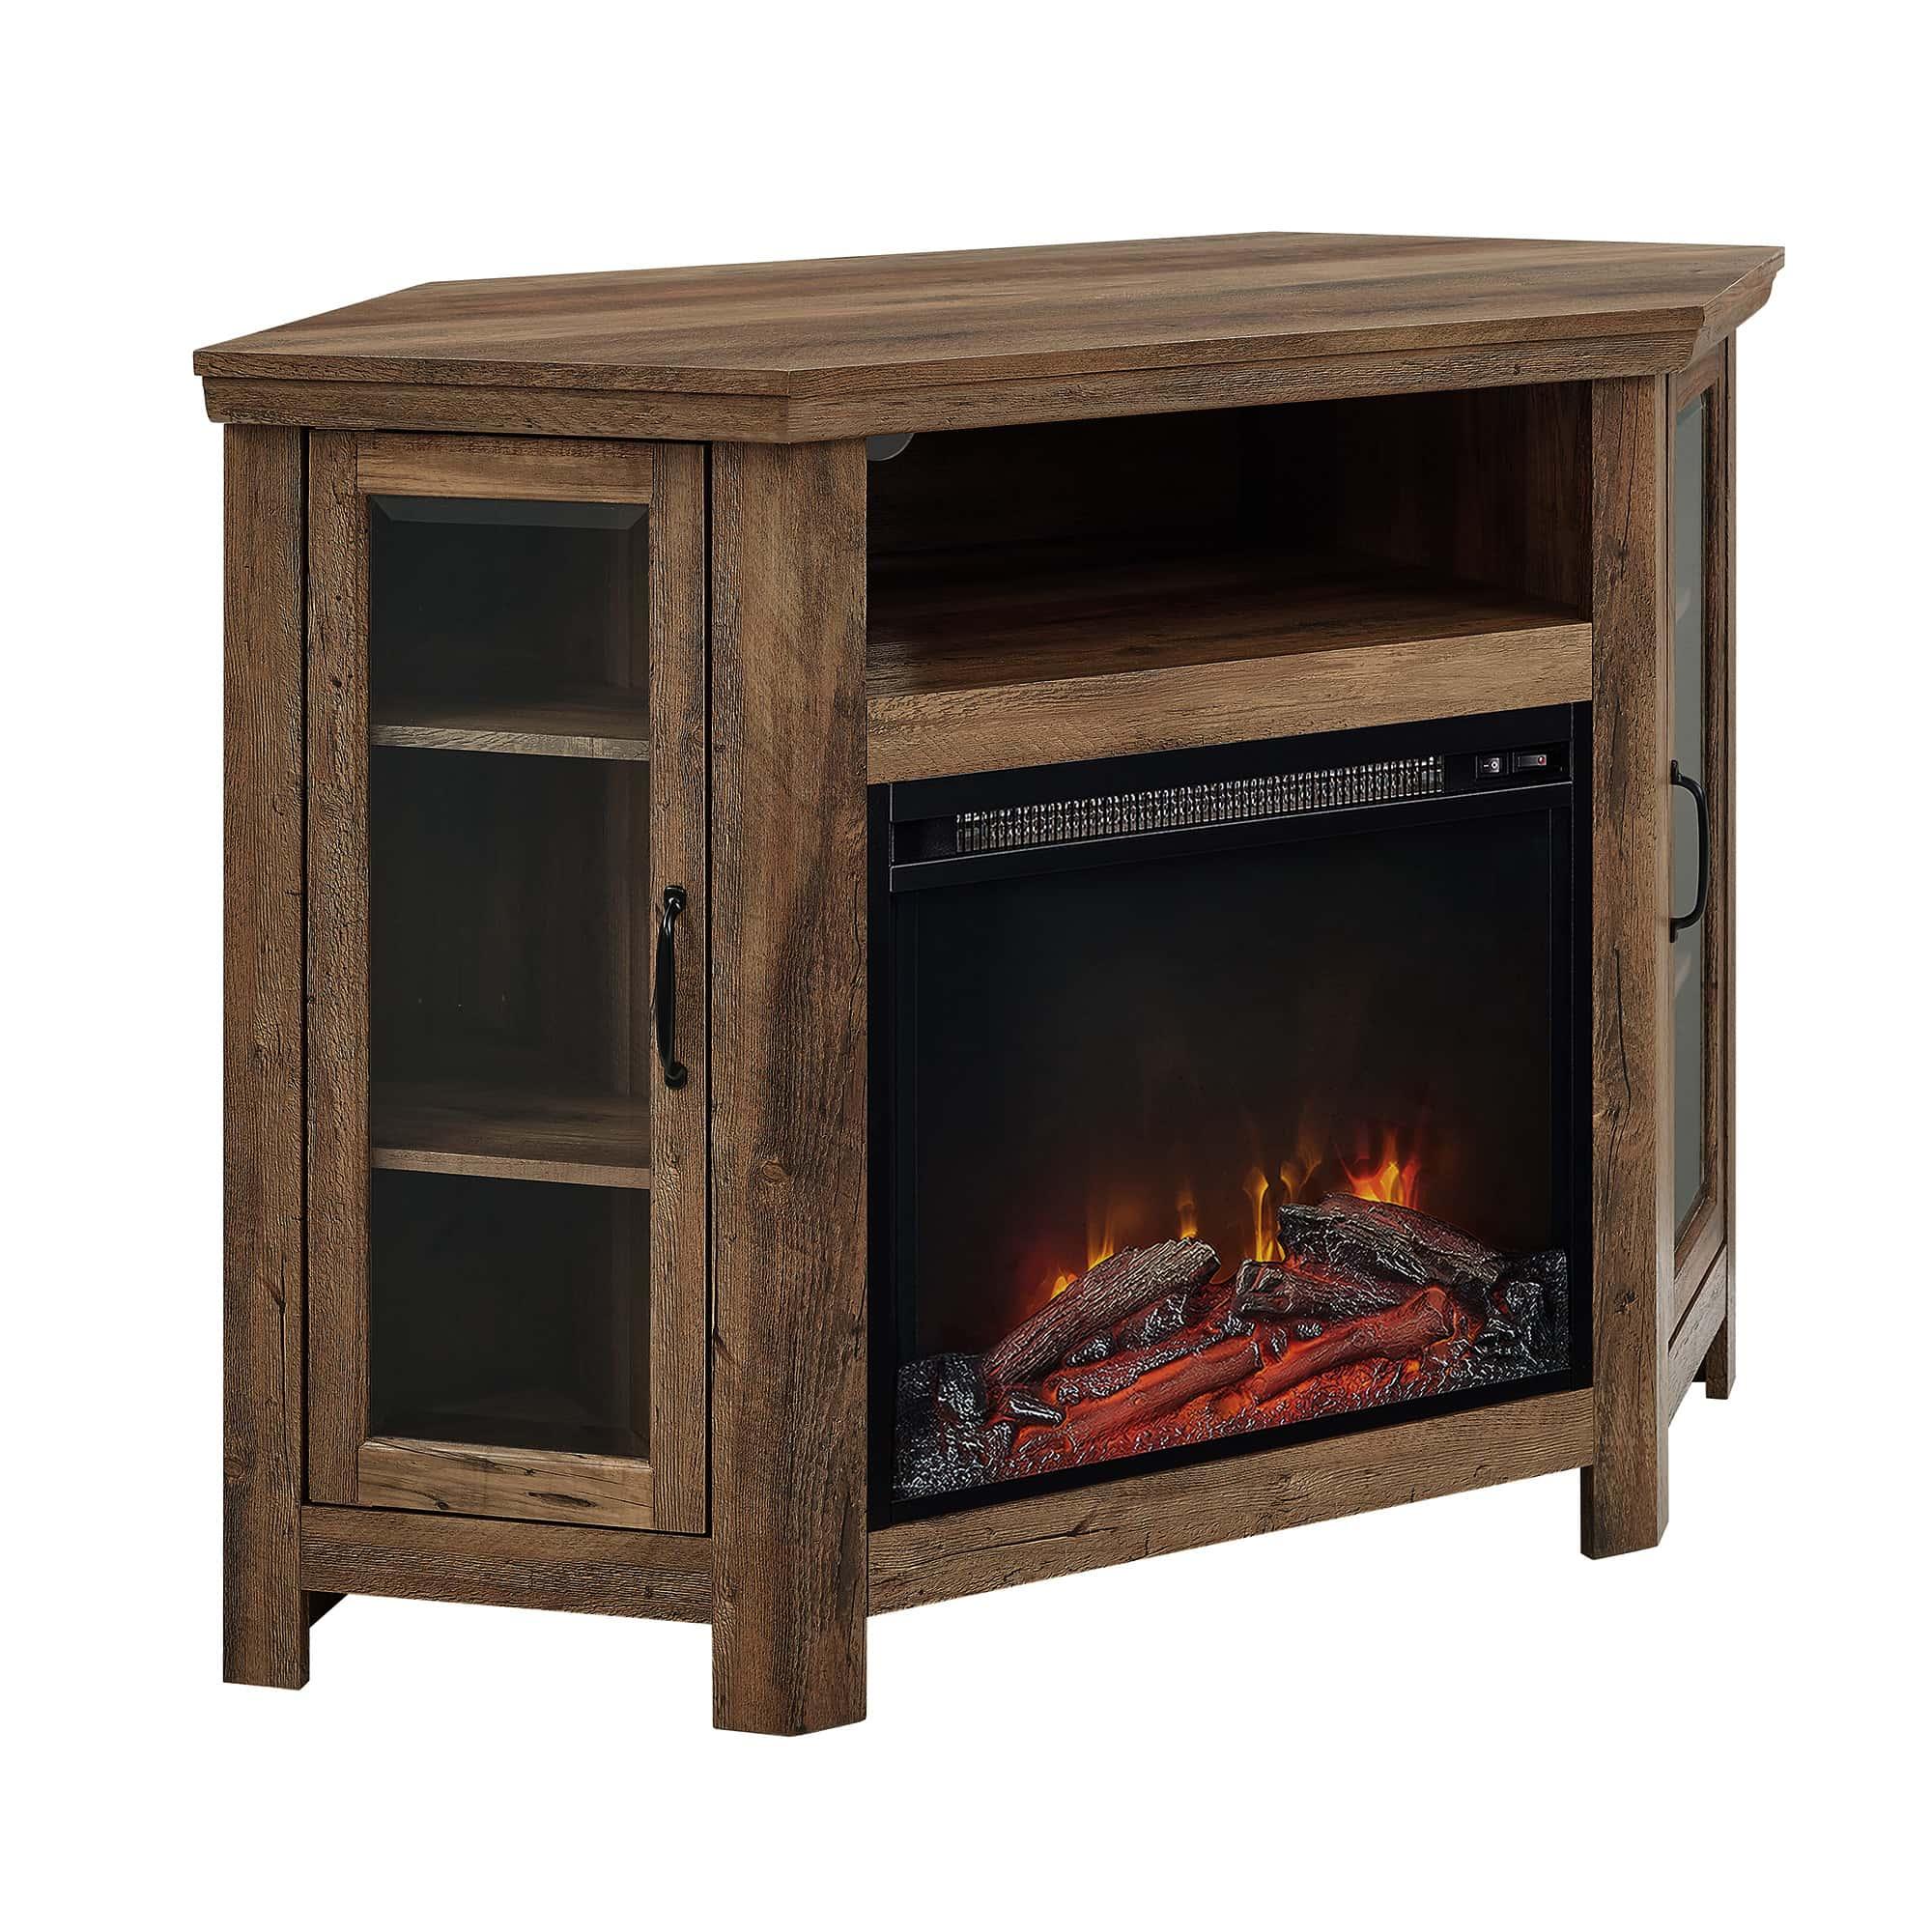 48 Inch Wood Corner Fireplace Tv Stand Rustic Oak By Walker